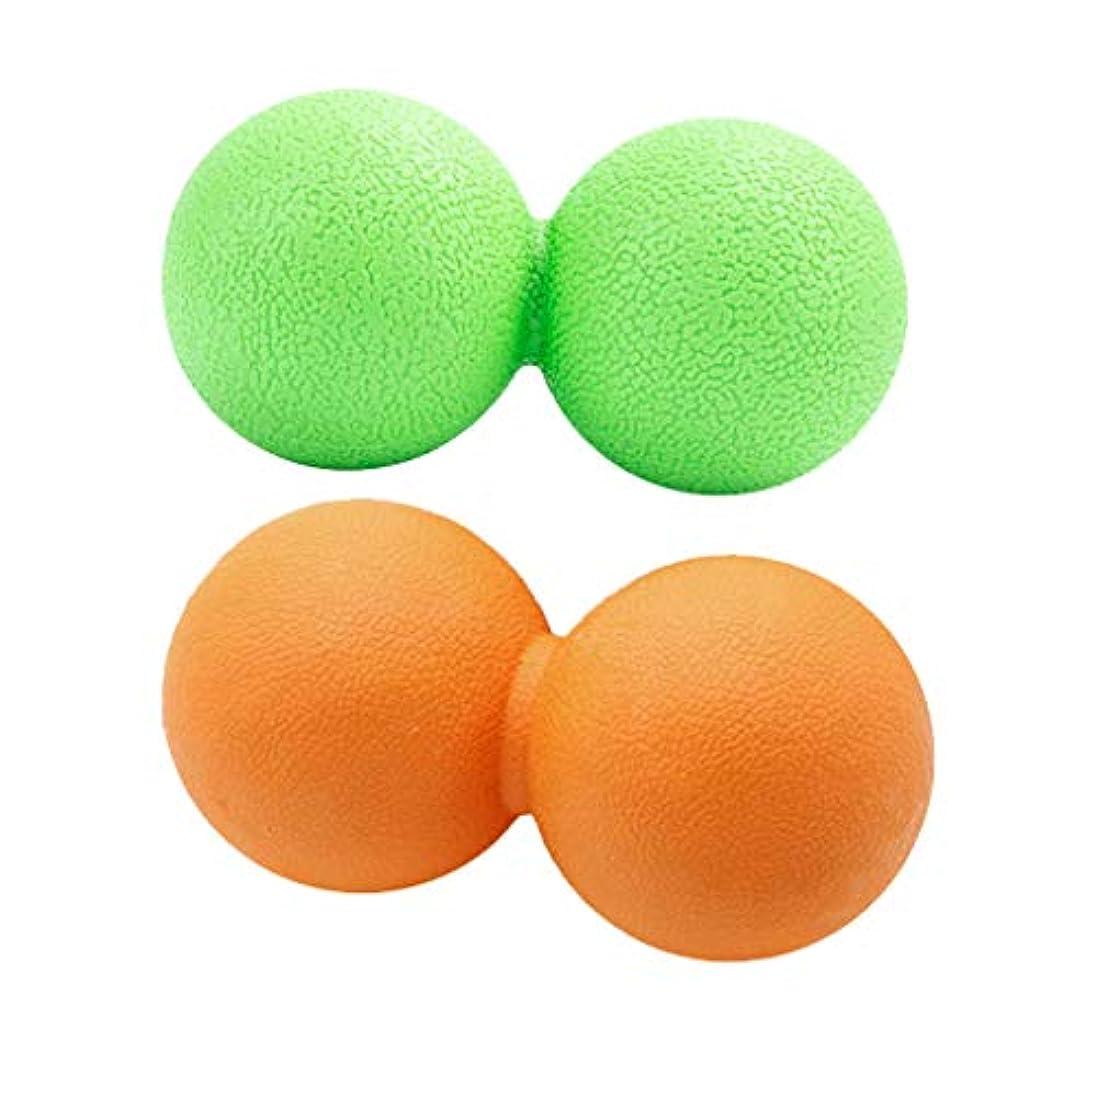 割り当てサロン染料F Fityle マッサージボール ピーナッツ型 筋膜リリース トリガーポイント 緊張緩和 健康グッズ 2個入